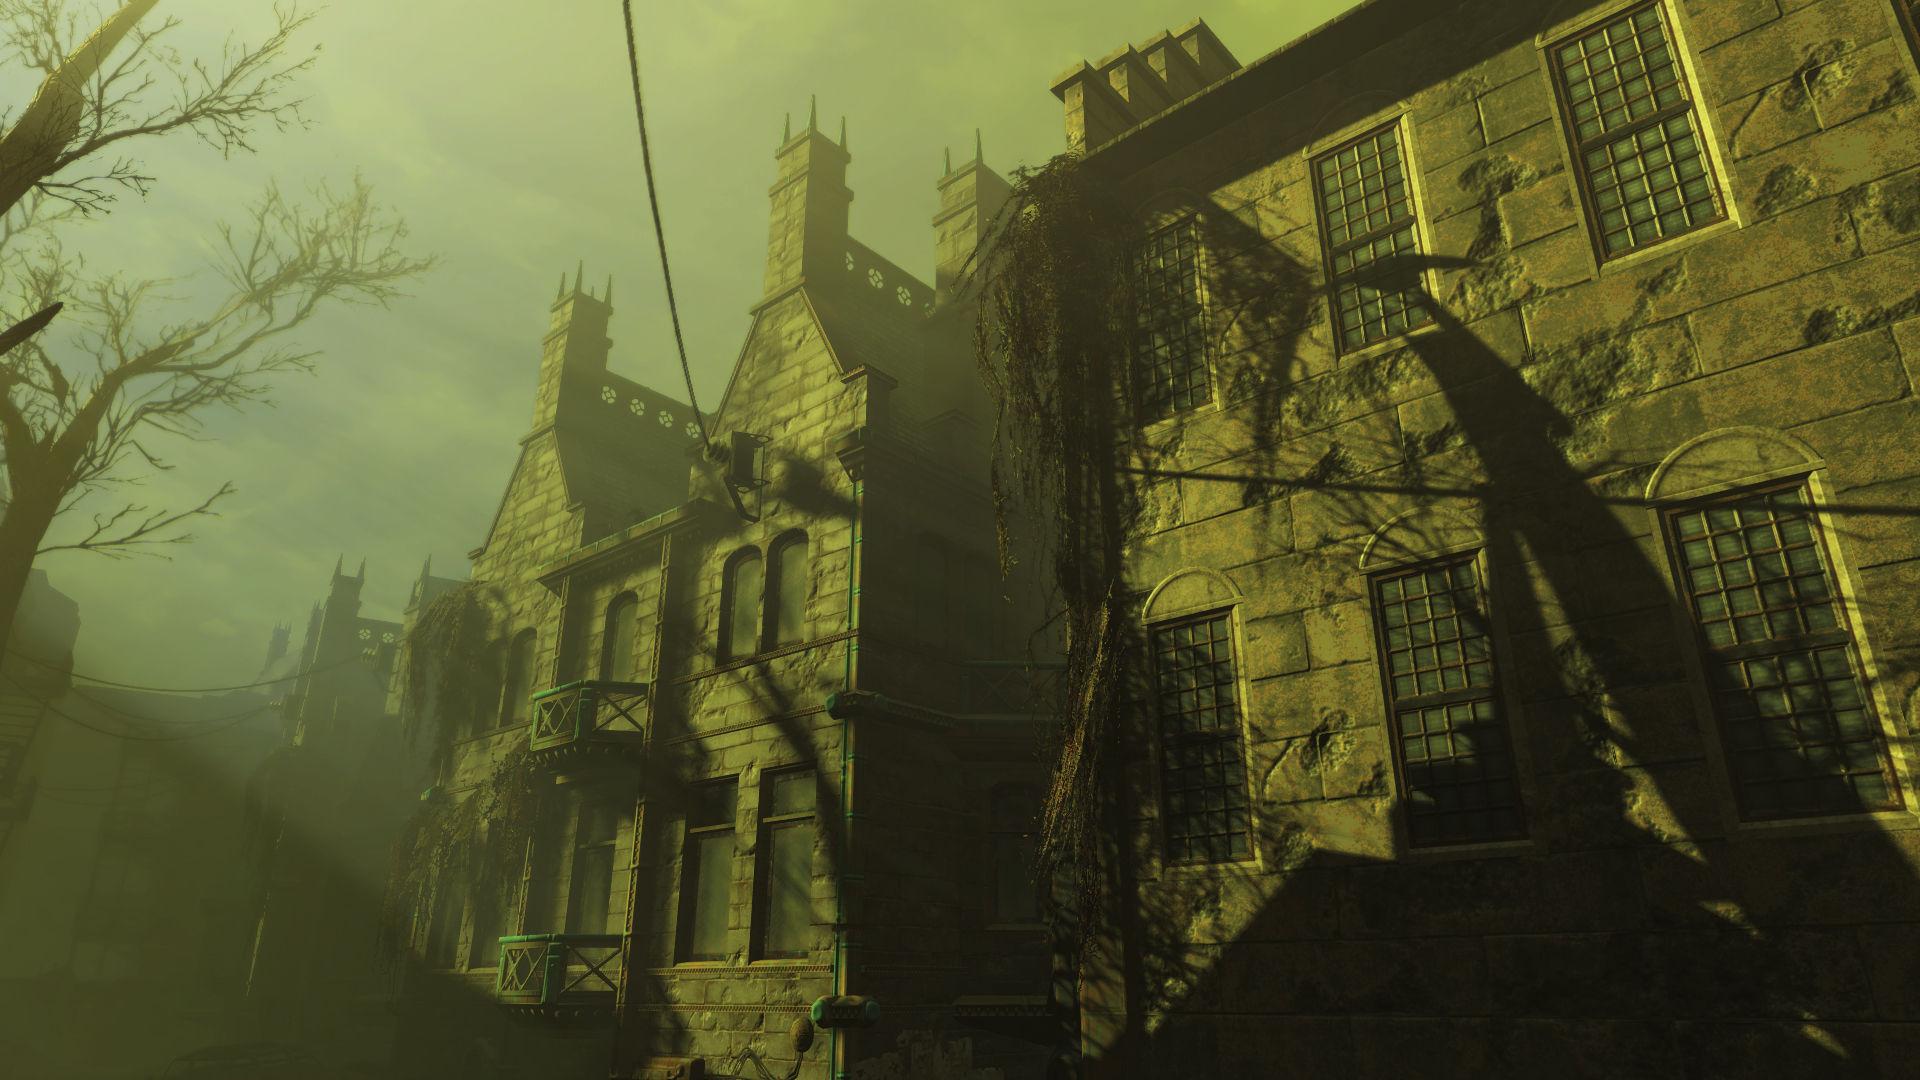 El cielo se torna verde, y unos estruendos horribles suenan por todo el cielo, hay una mansión y la tormenta de radiación crece.